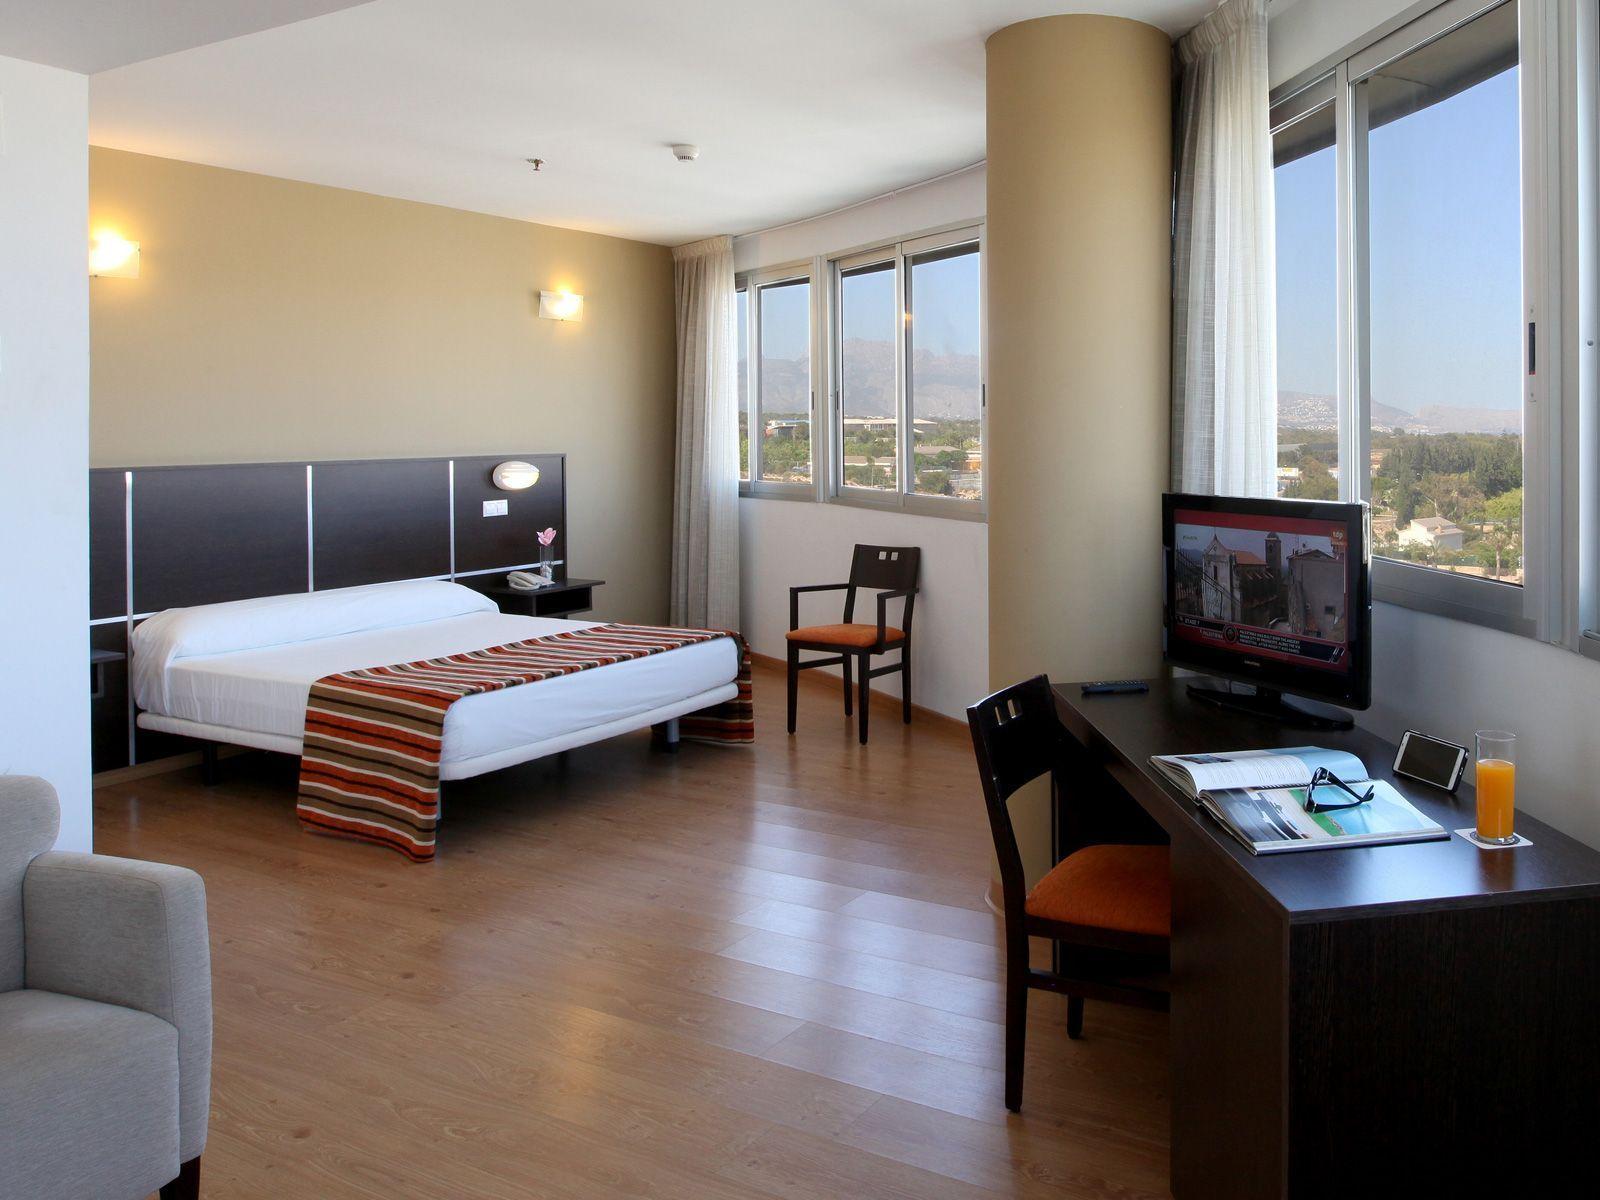 Hotel La Estacion, suite Almirante